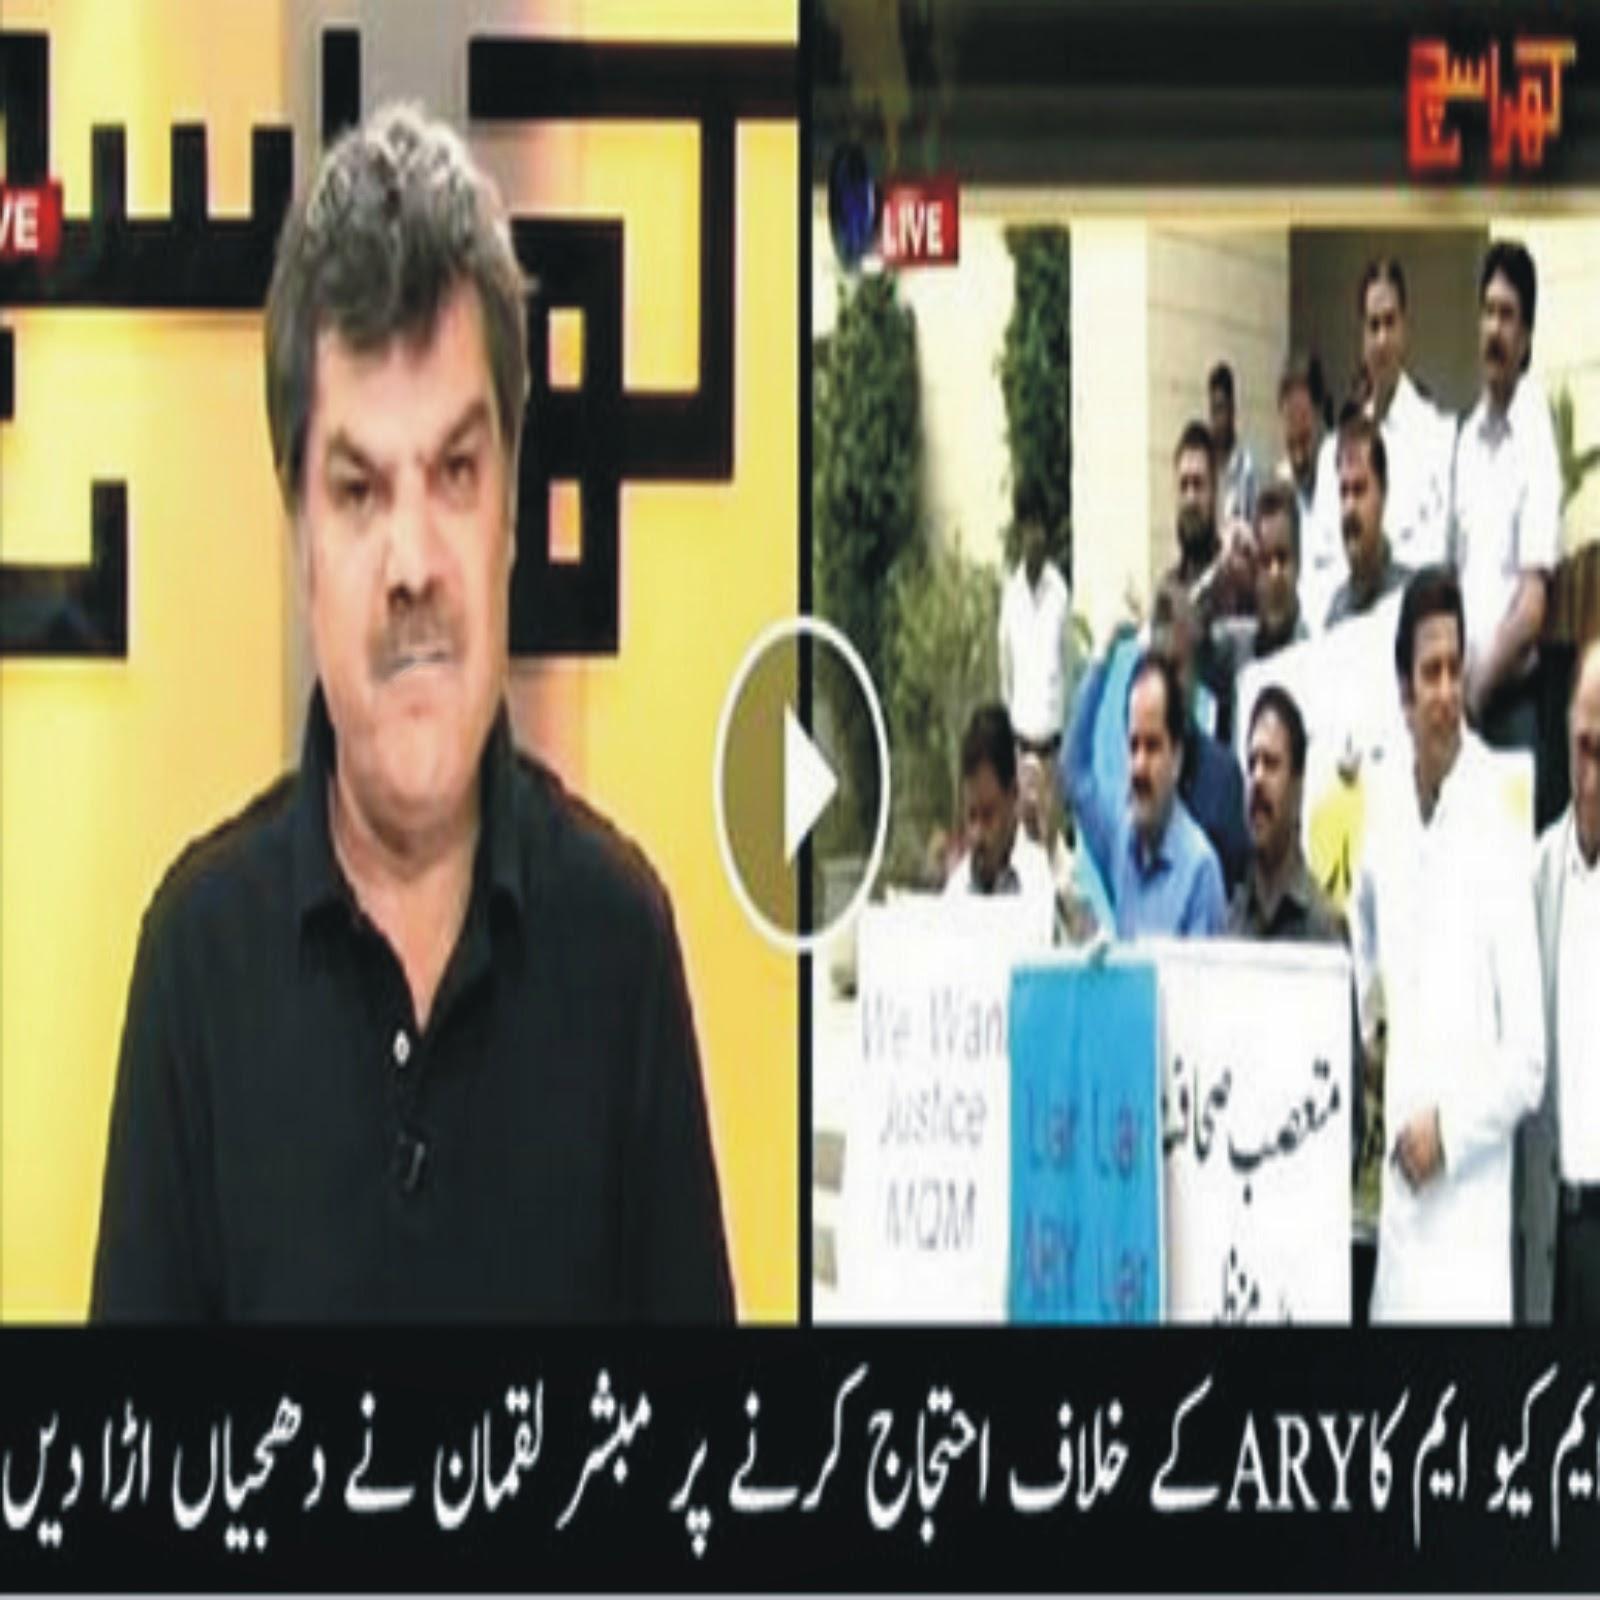 Mubashir Luqman Mqm Mubashir Luqman Blast on Mqm